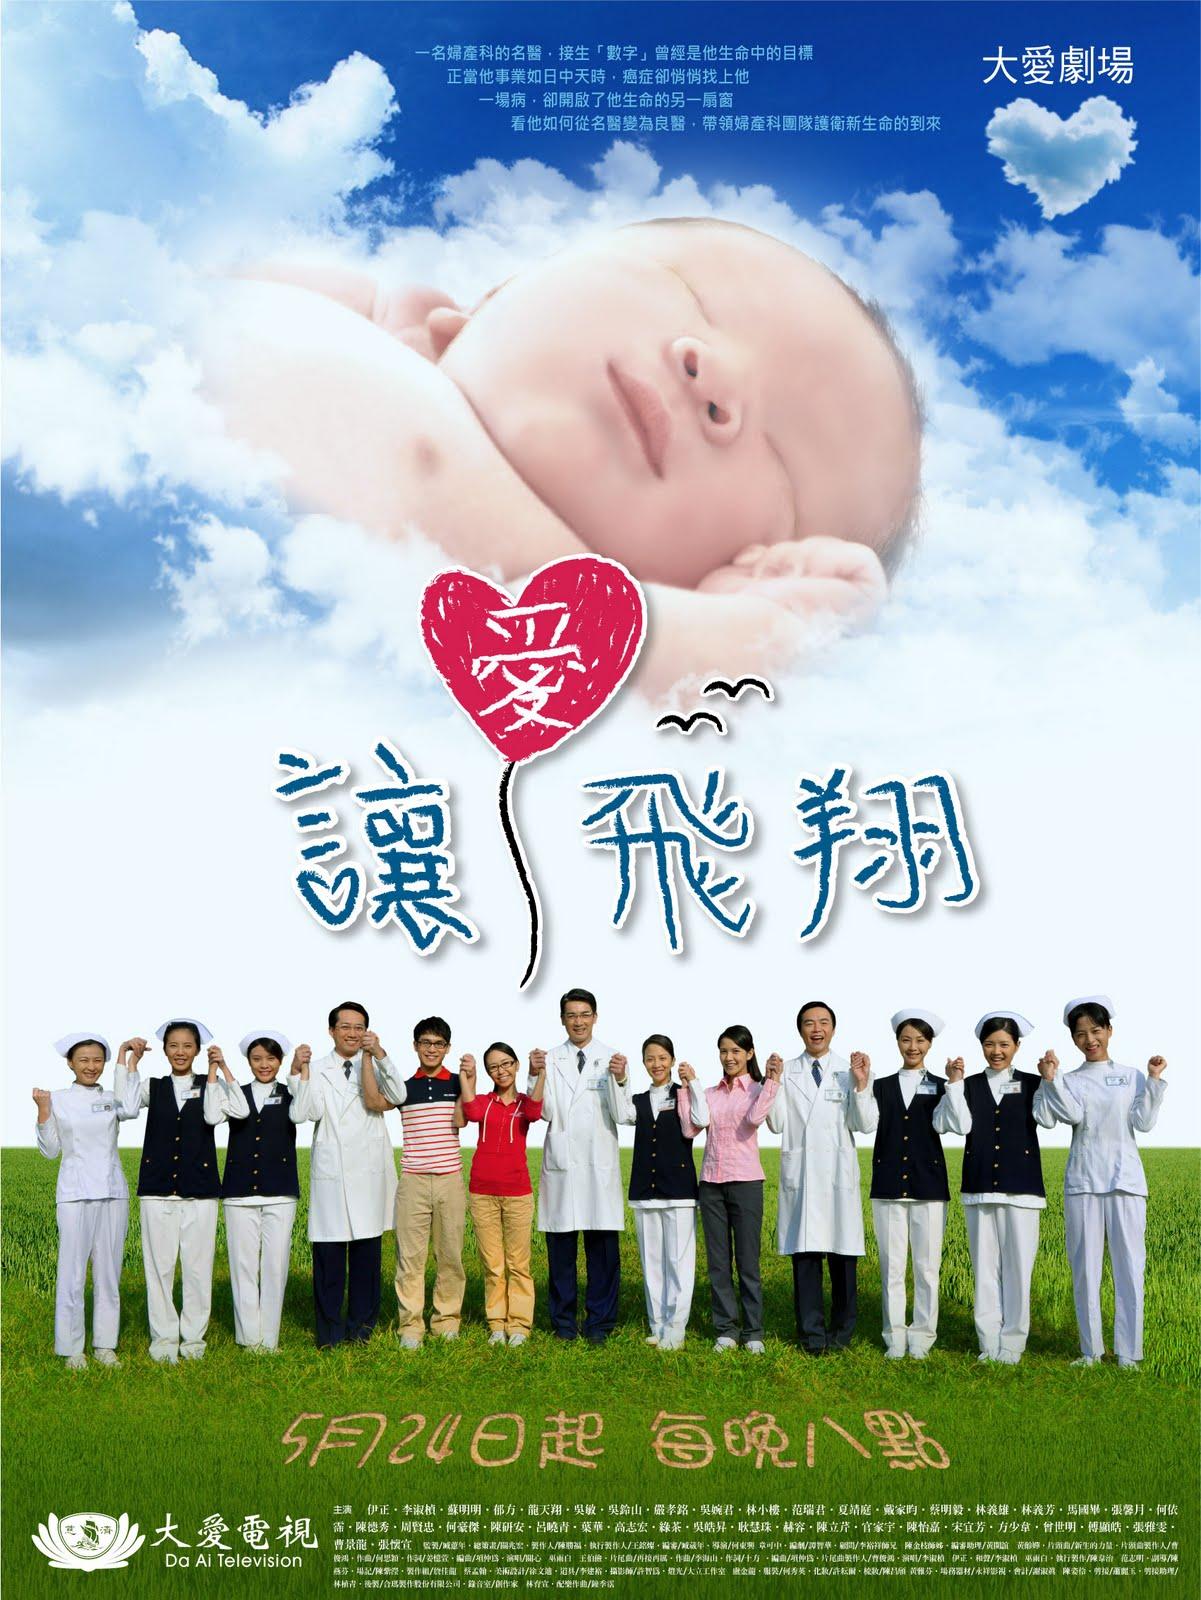 新作發表:大愛人間『走出幸福路』專輯-新生的力量(大愛劇場「讓愛飛翔」主題曲) - Szu Yin Music 何思穎